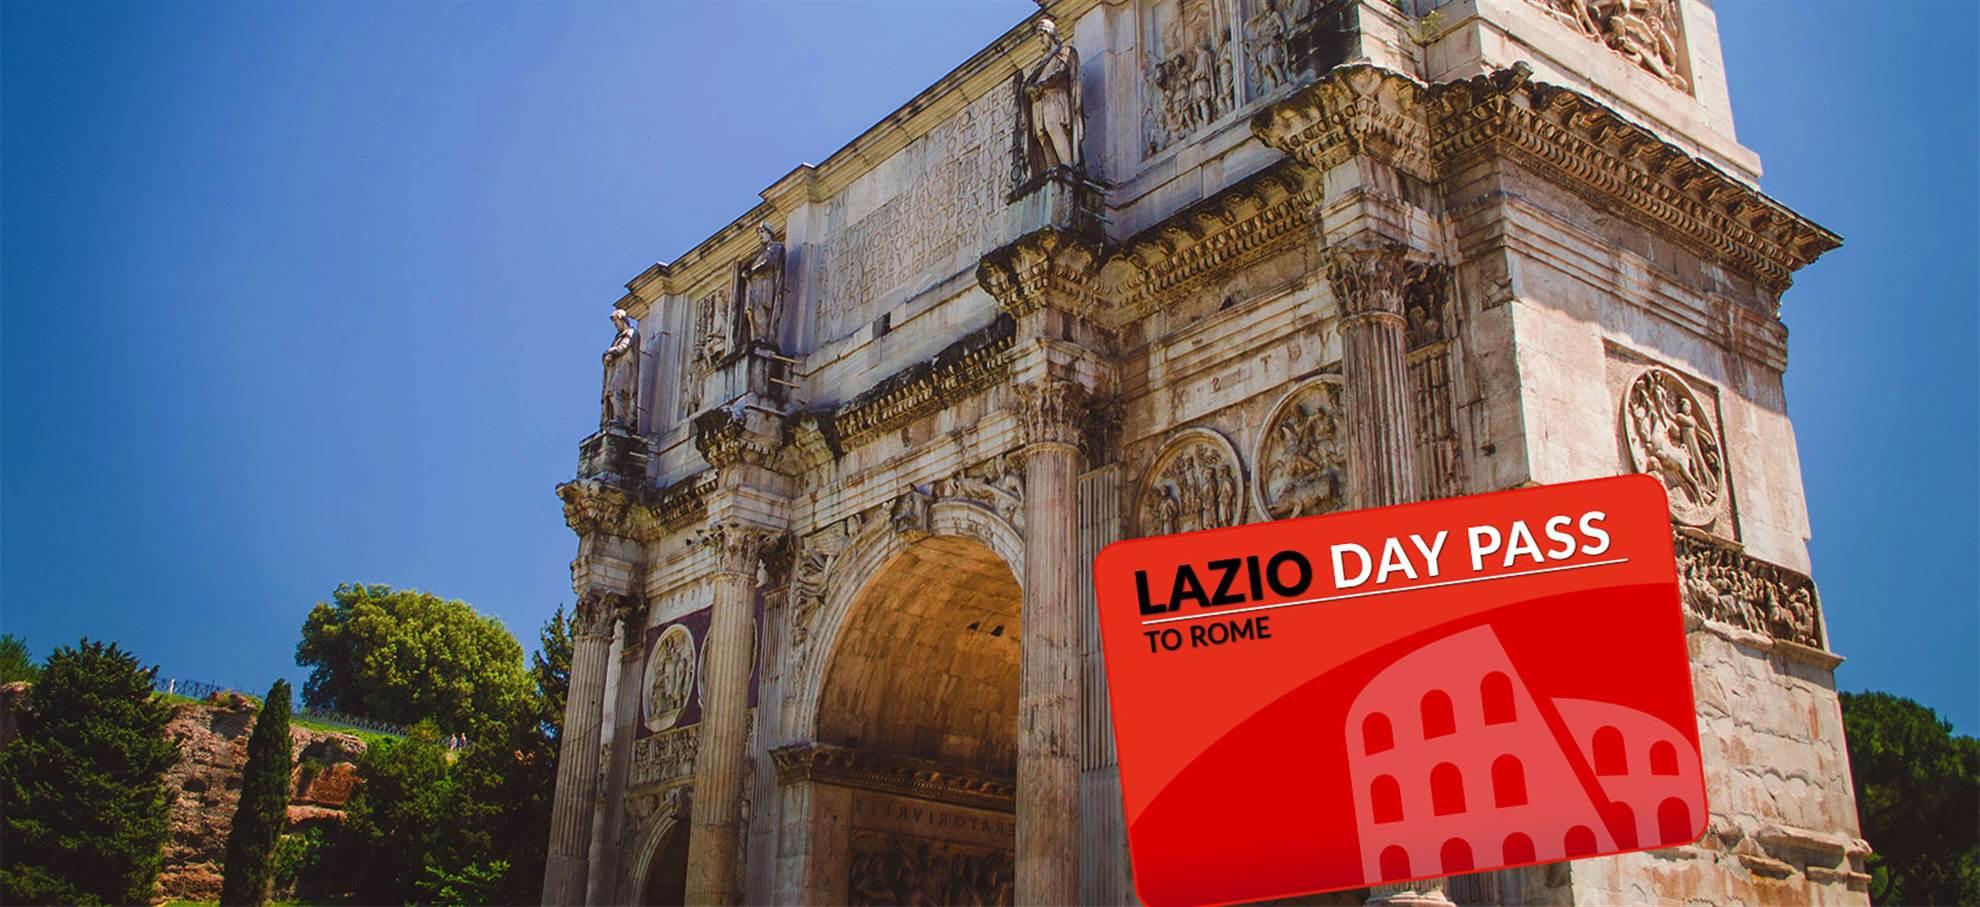 Lazio to Rome Day Pass